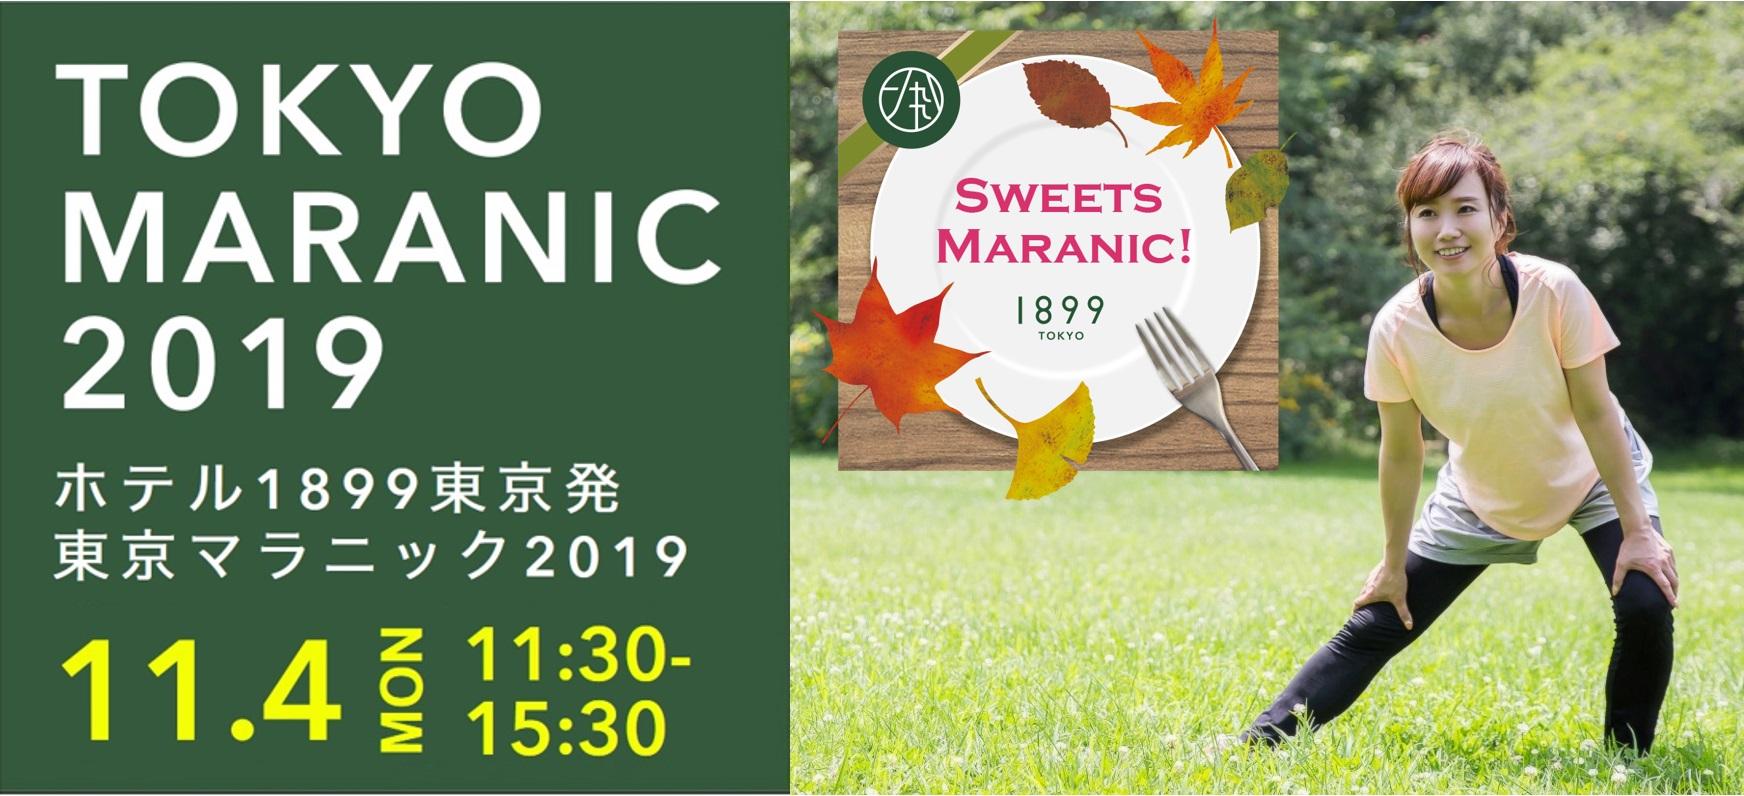 東京マラニック2019~スイーツマラニック~